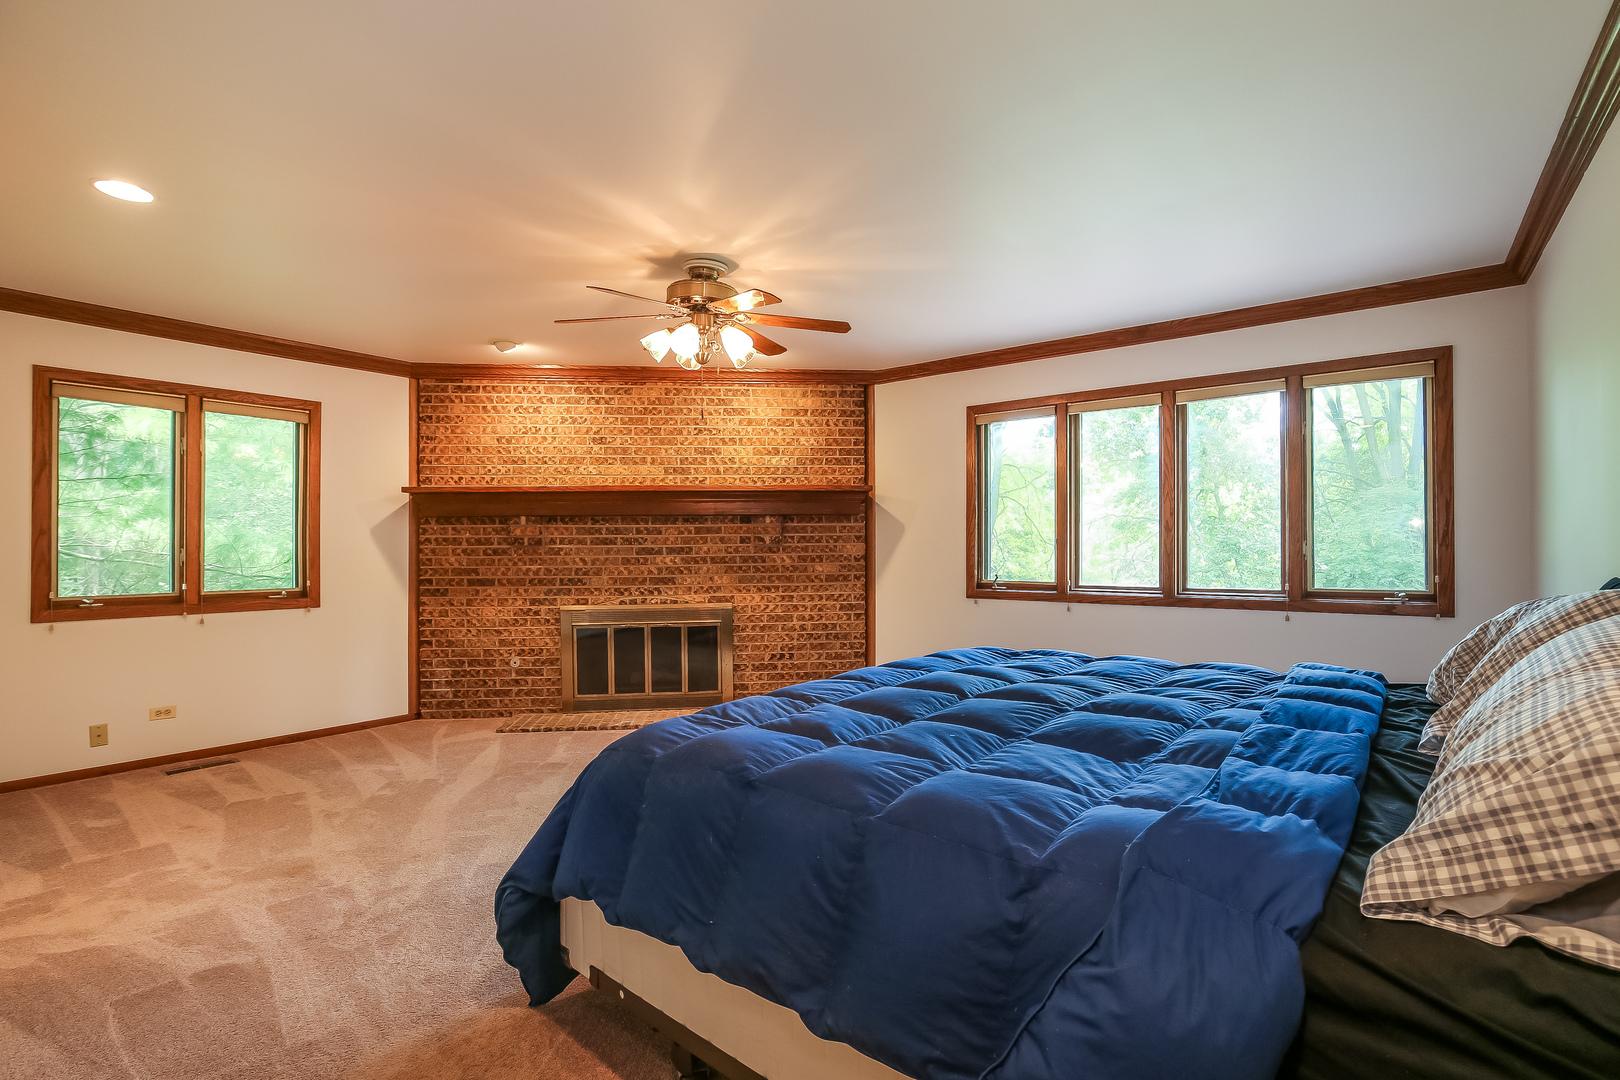 6781 ARROWHEAD, LONG GROVE, Illinois, 60047